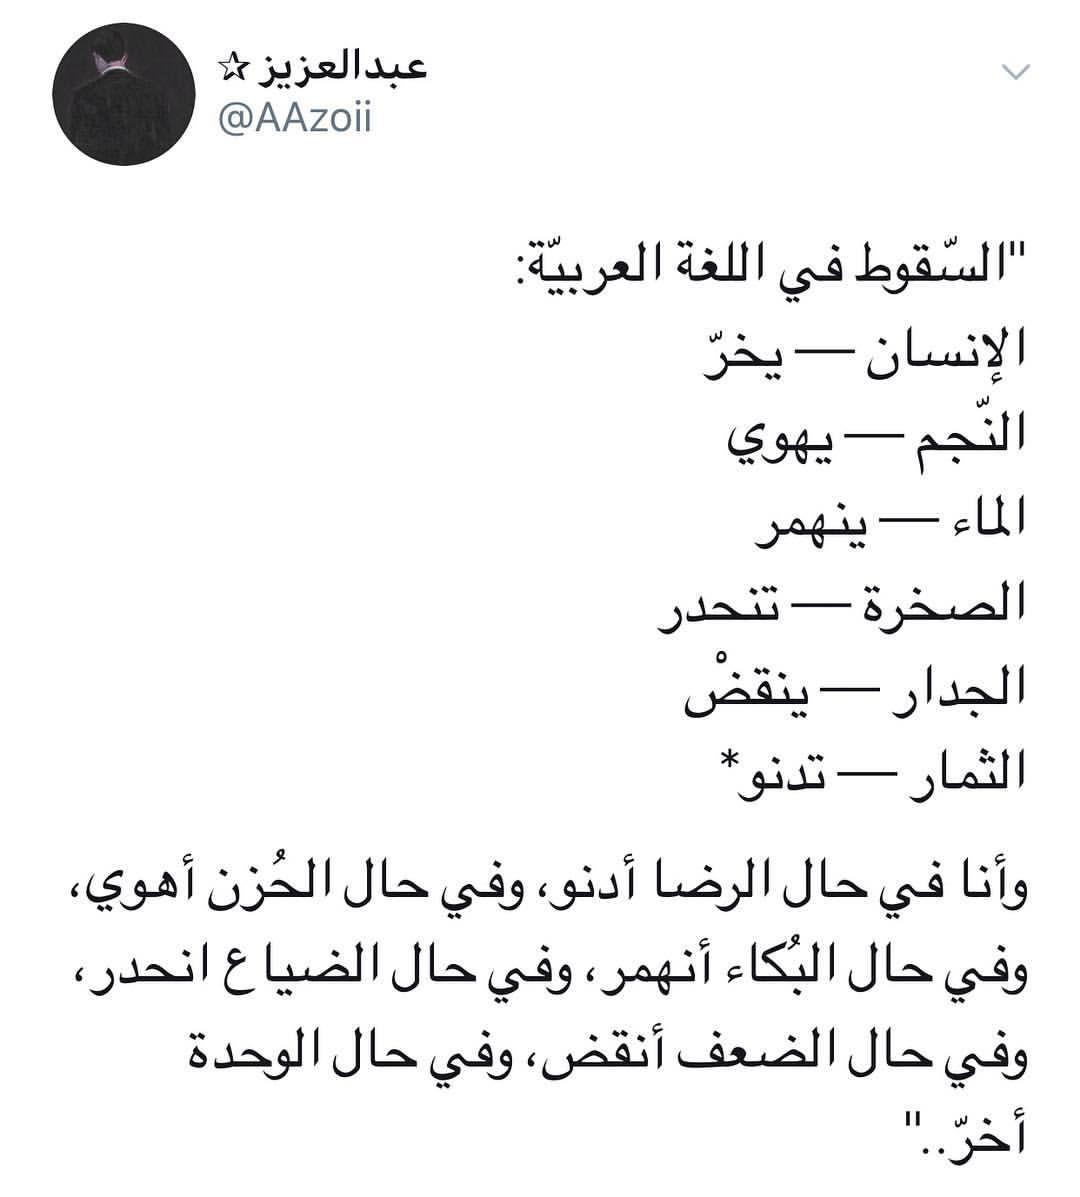 اجمل وصف لحالات الانسان Funnny Quotes Arabic Quotes Mood Quotes